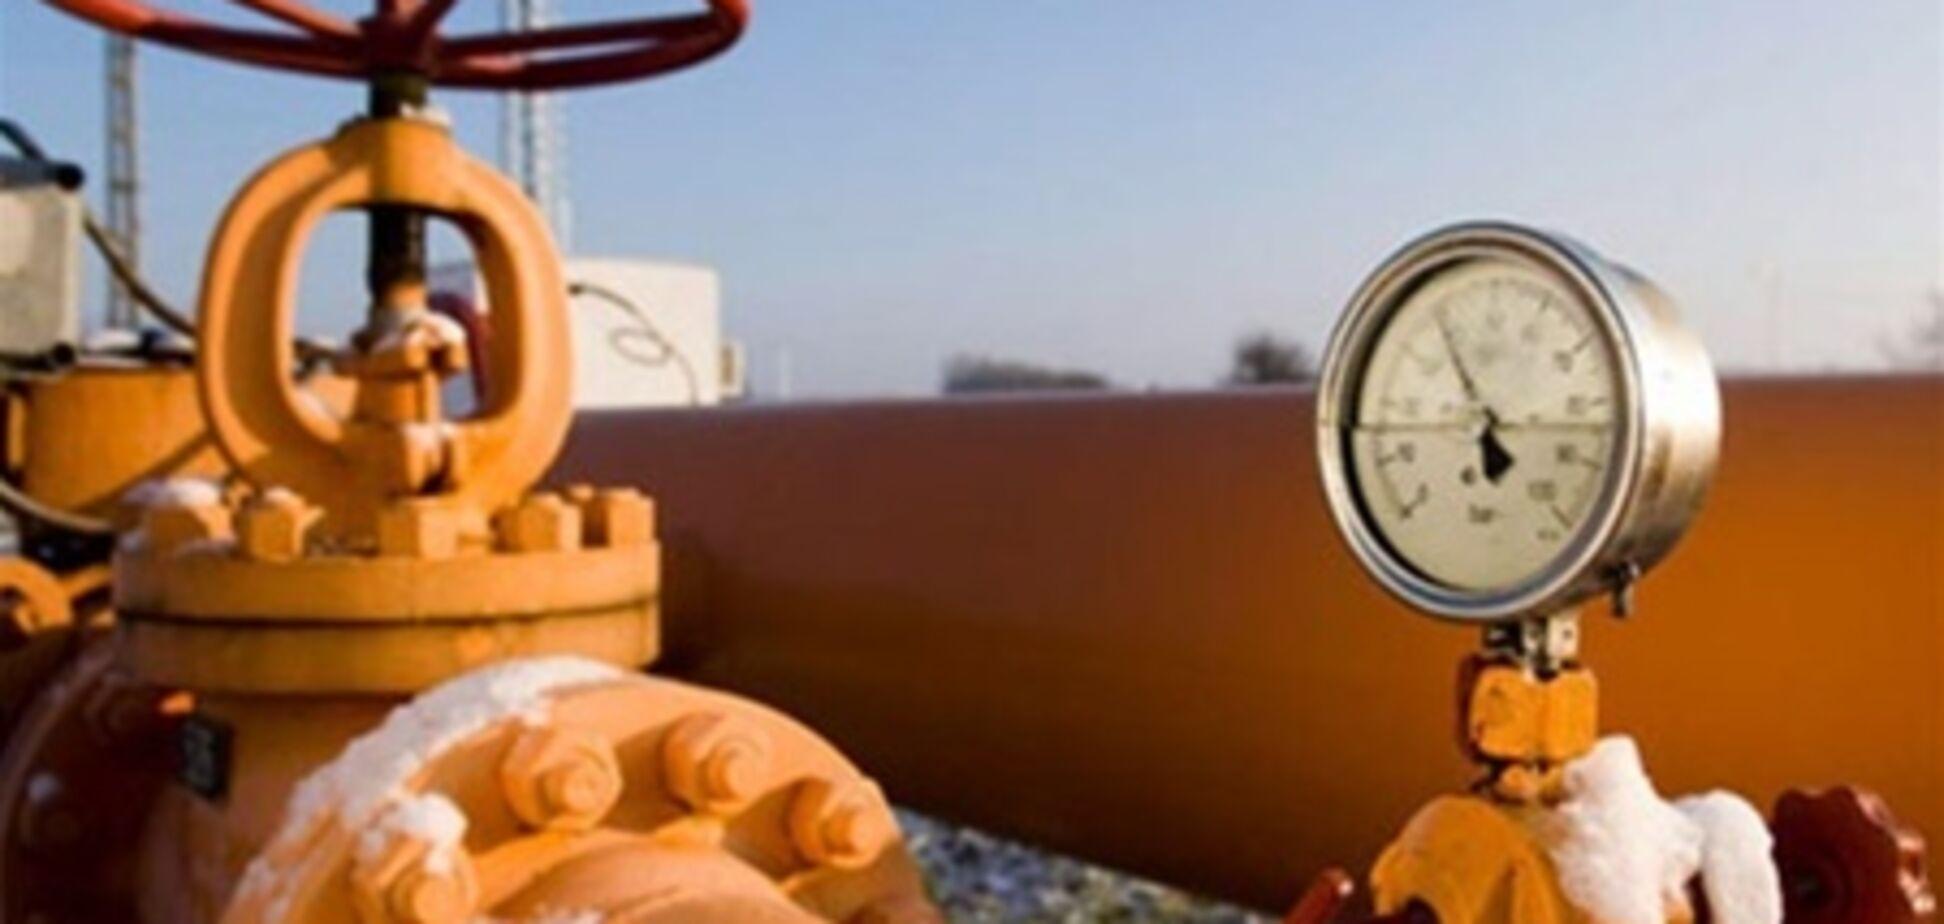 Бойко уверяет о достижении компромисса в газовых переговорах